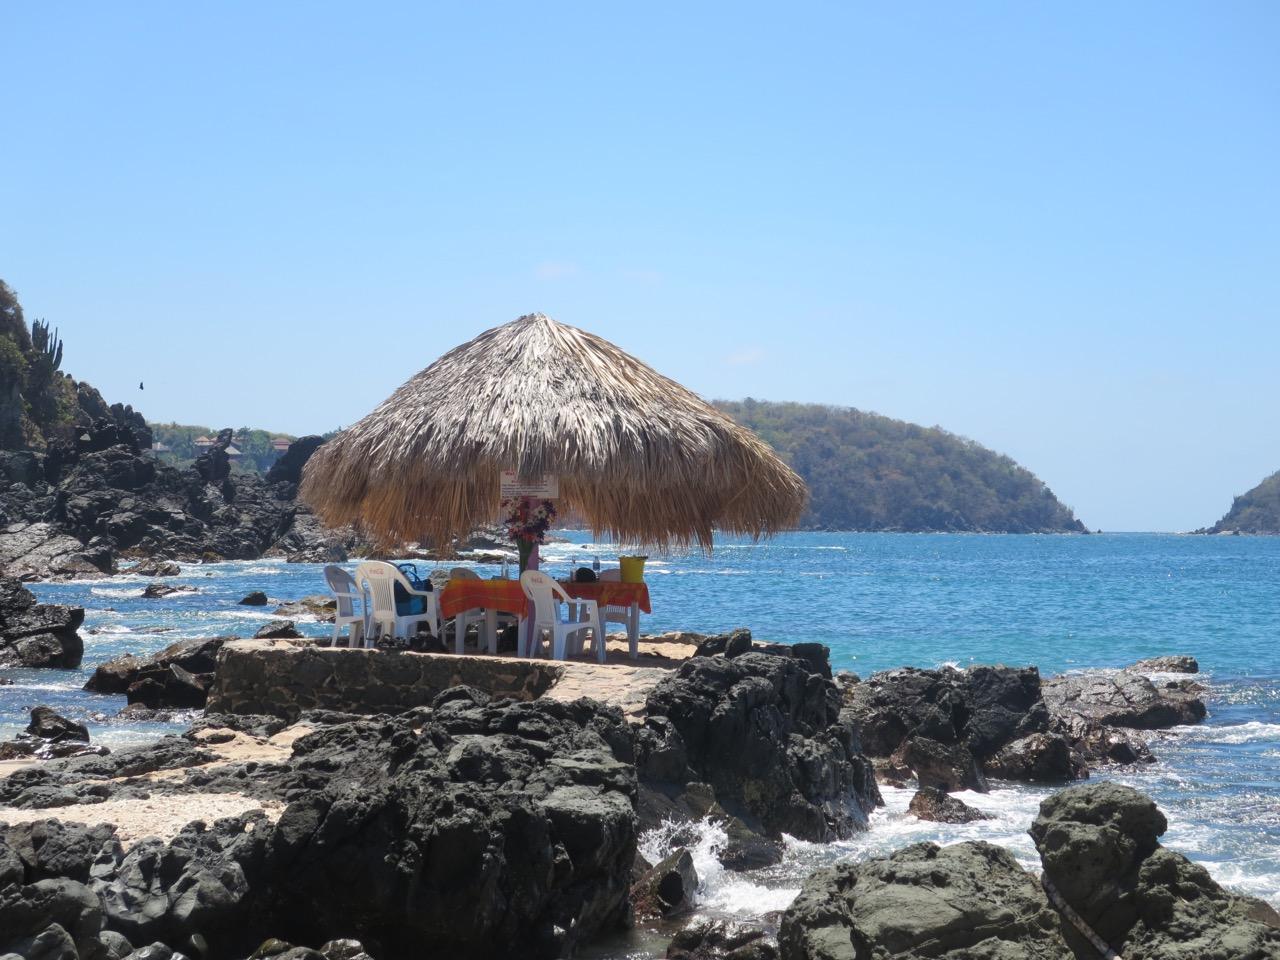 Island of Ixtapa